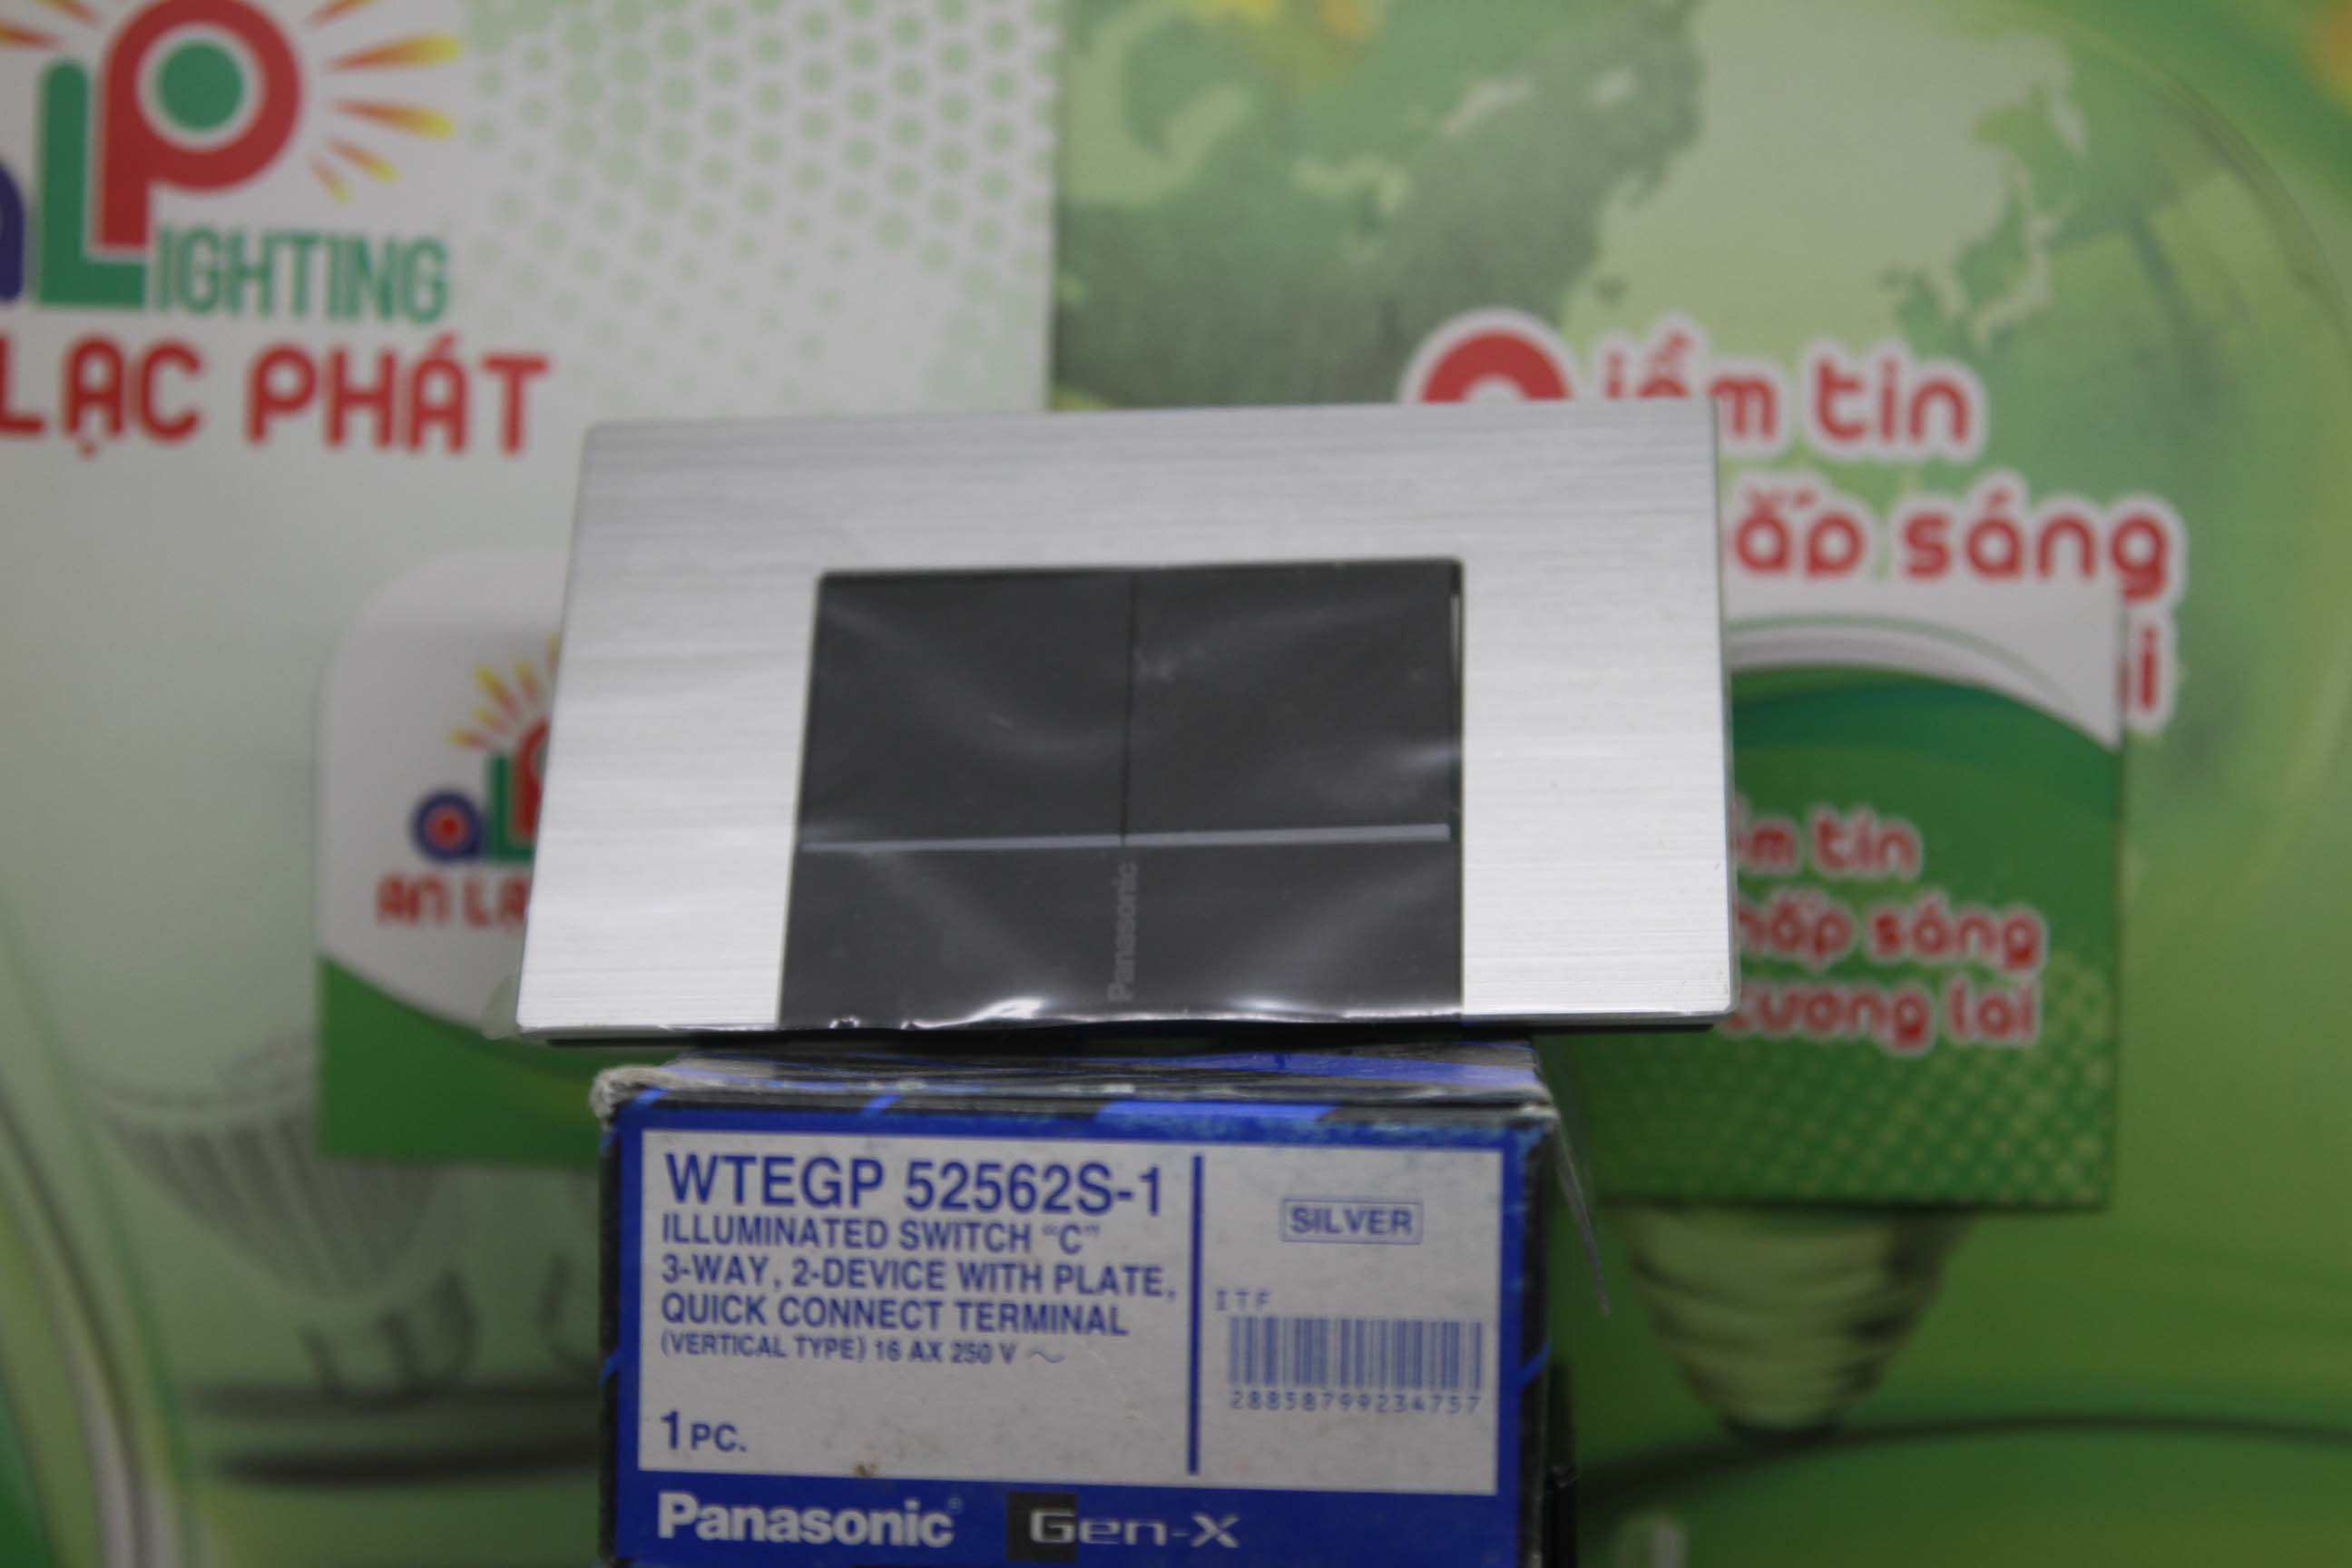 Bộ 2 công tắc có đèn báo WTEGP52562S - 1 - G Panasonic